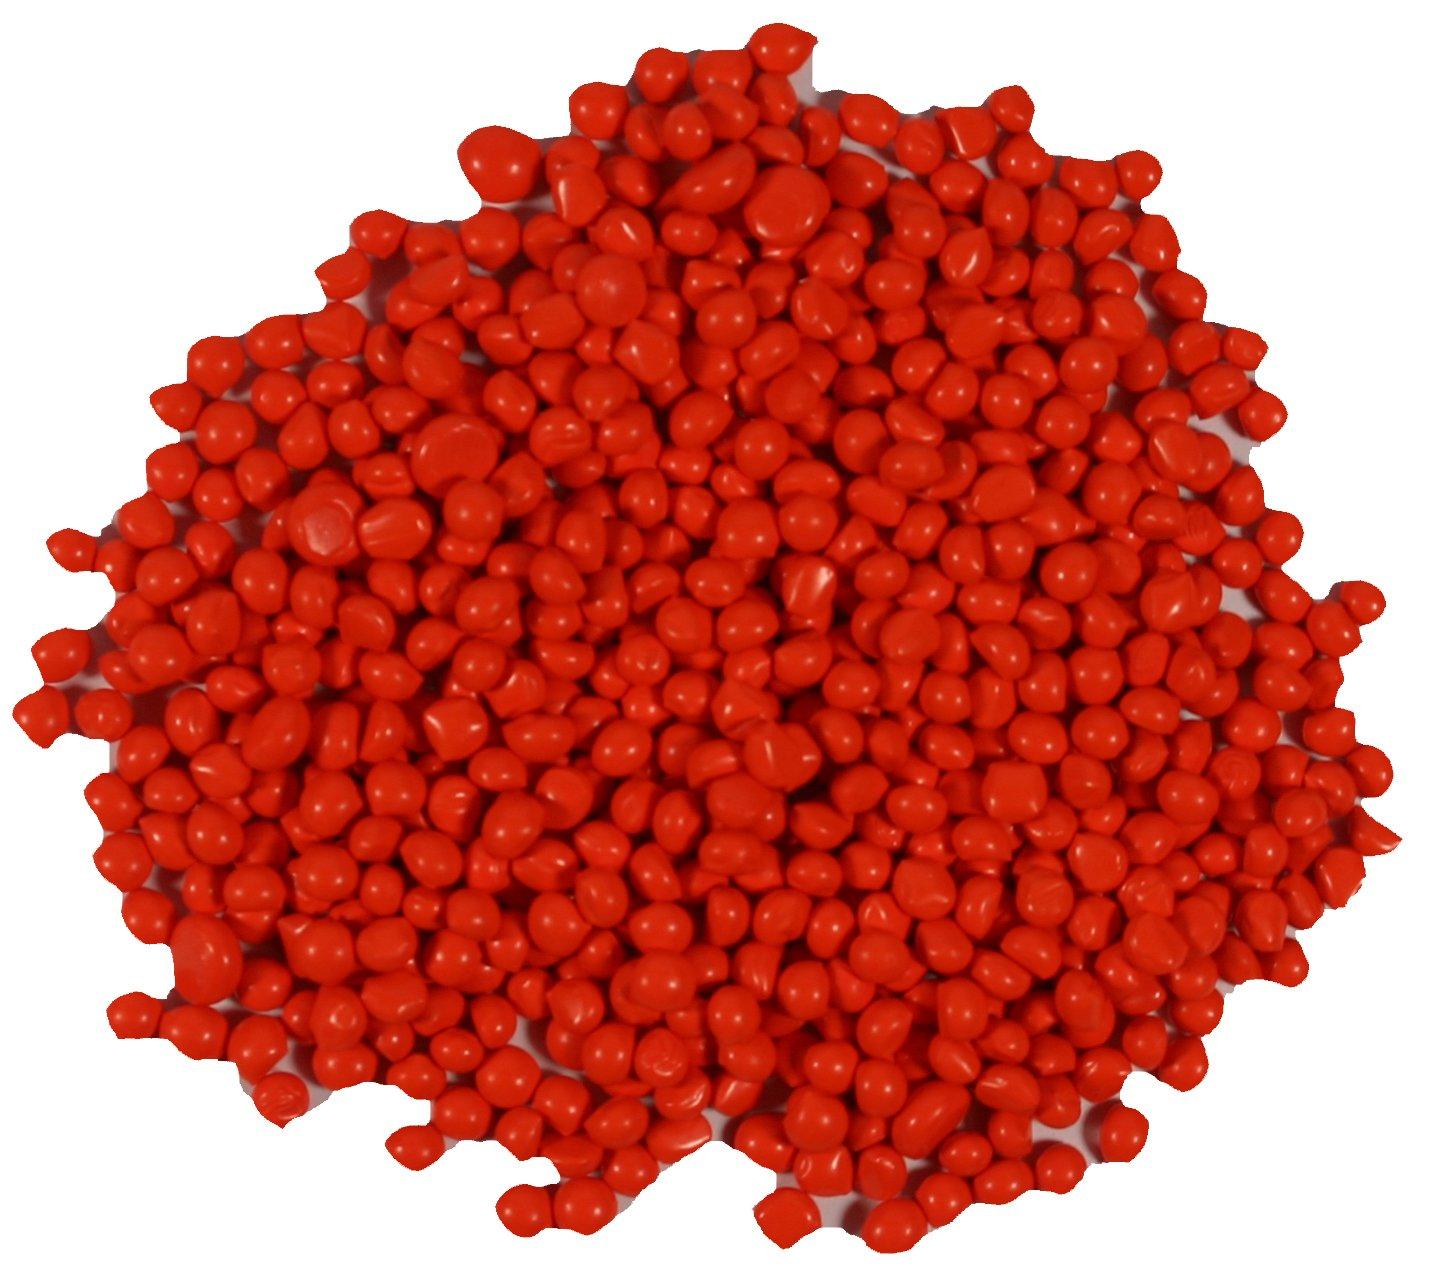 Colore: Arancione TrendLight 890031 Sufficiente per 1 kg di Cera Colore per pastiglie di Cera